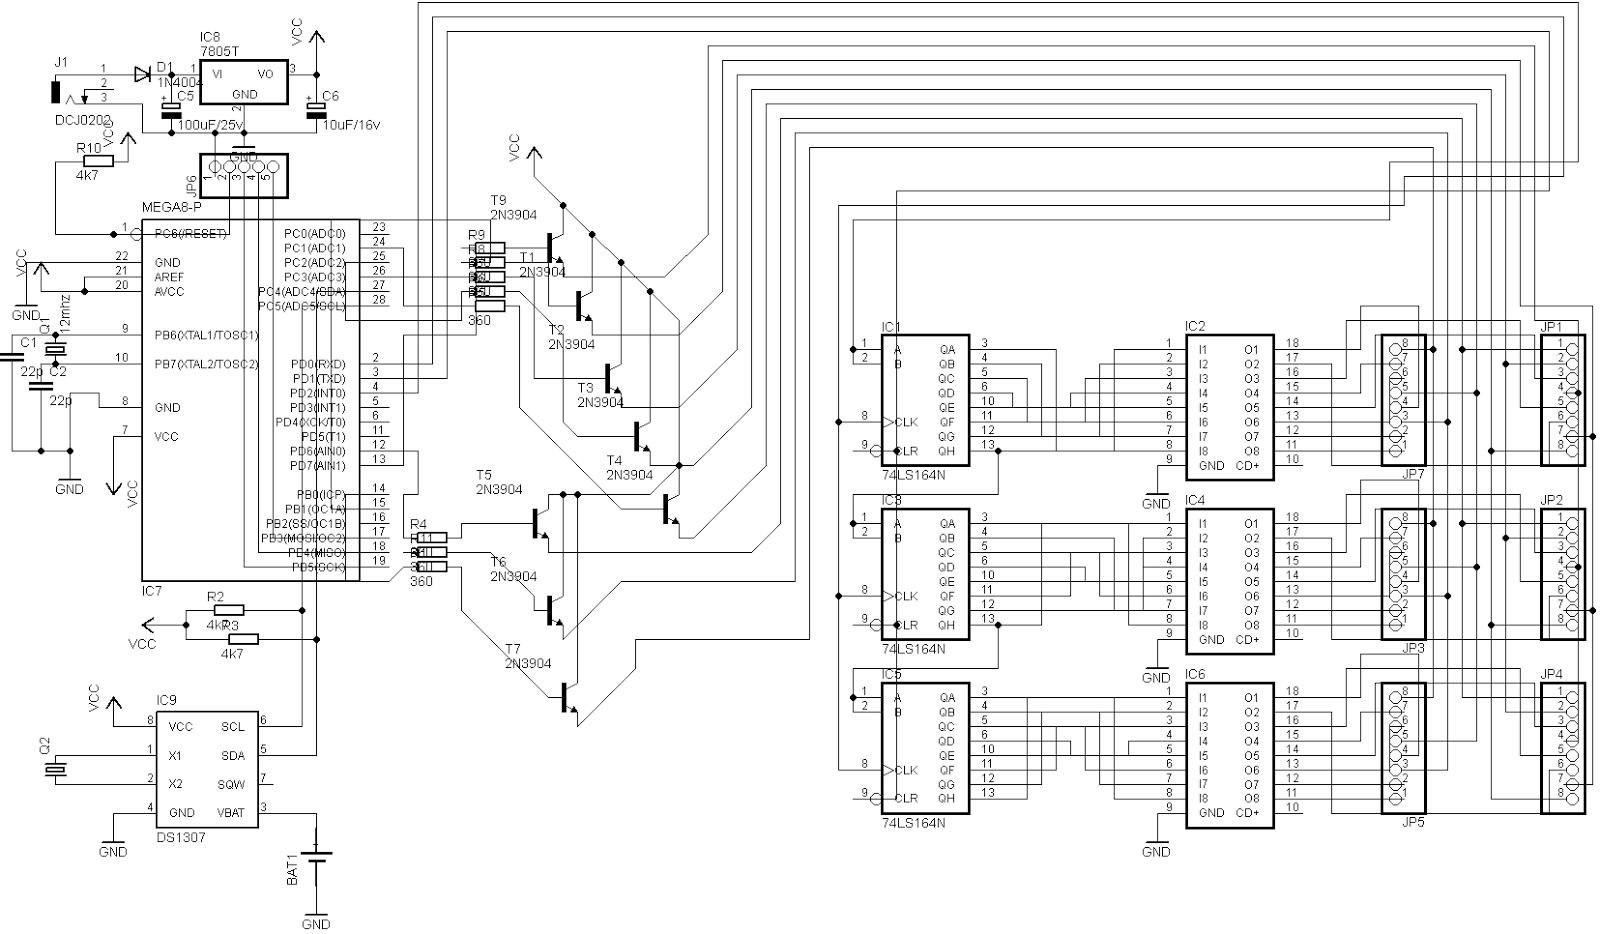 .: Membuat Rangkaian Running Text Dengan Dotmatrix 8x8 Dan